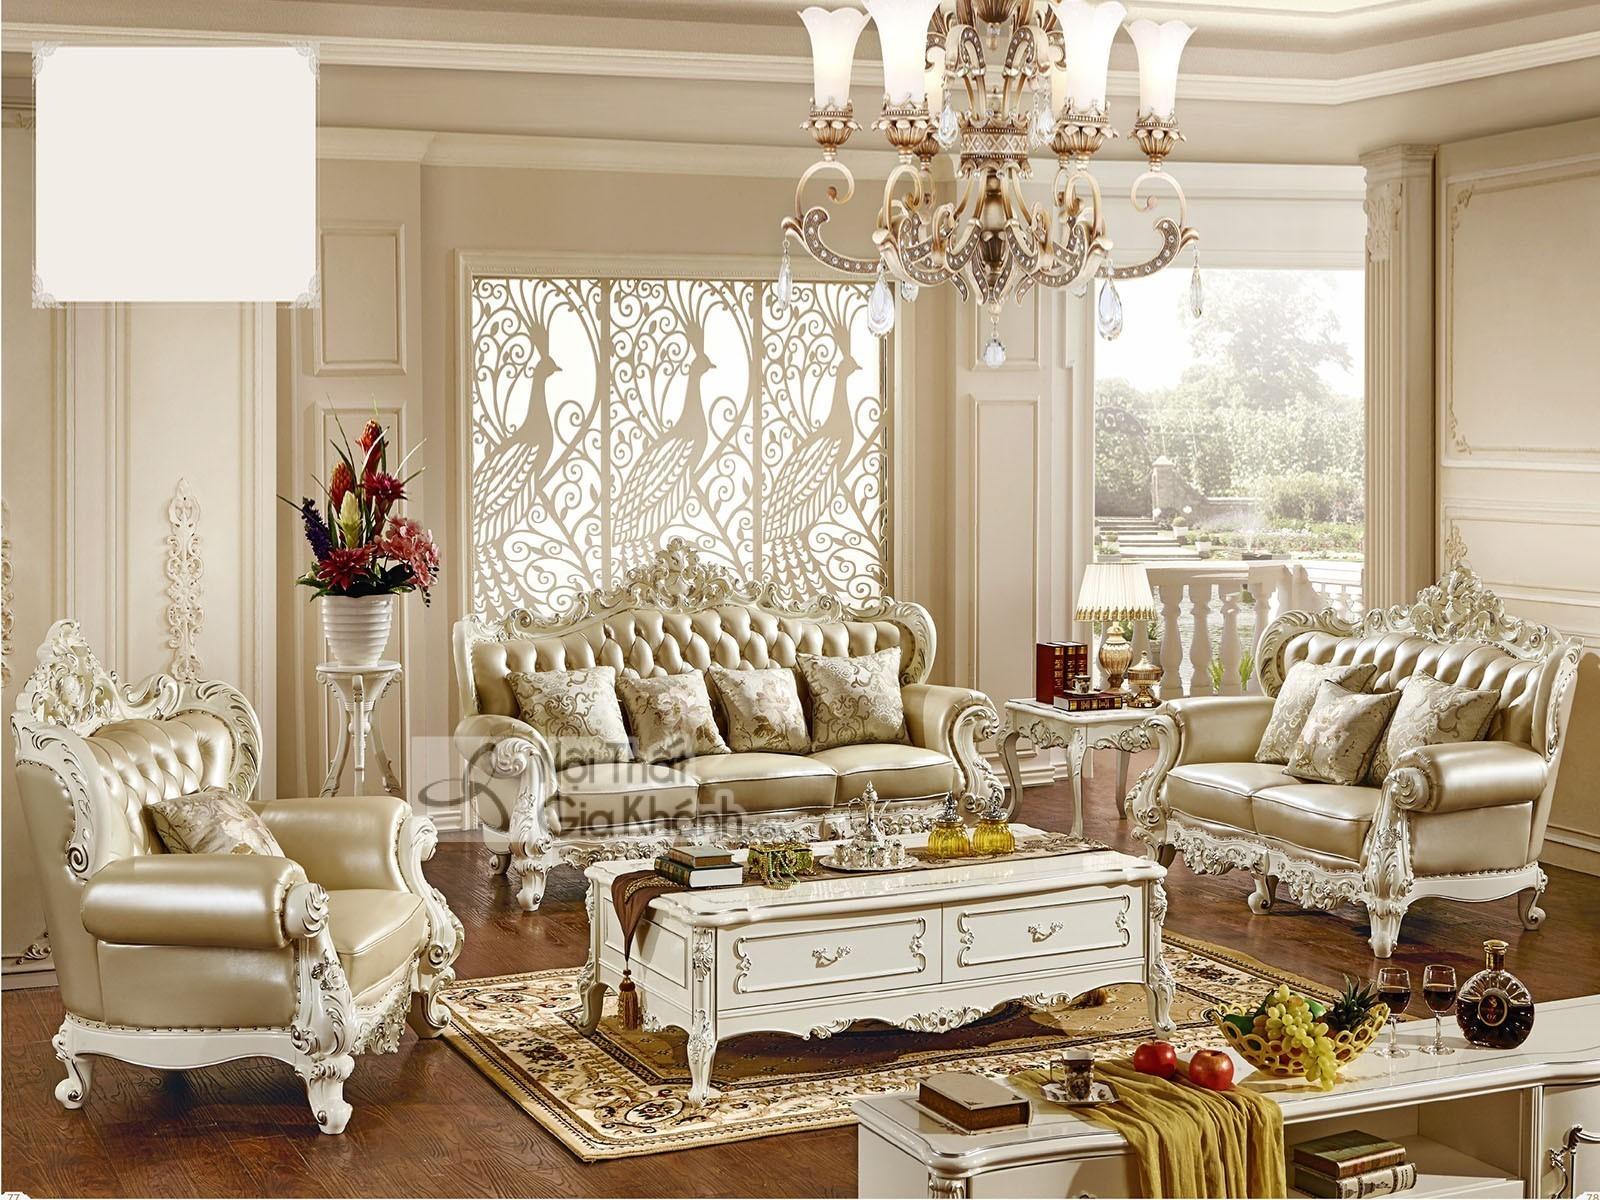 bo ghe sofa tan co dien sang trong cho phong khach sb931h 123 - Bộ ghế sofa tân cổ điển sang trọng cho phòng khách SB931H-123